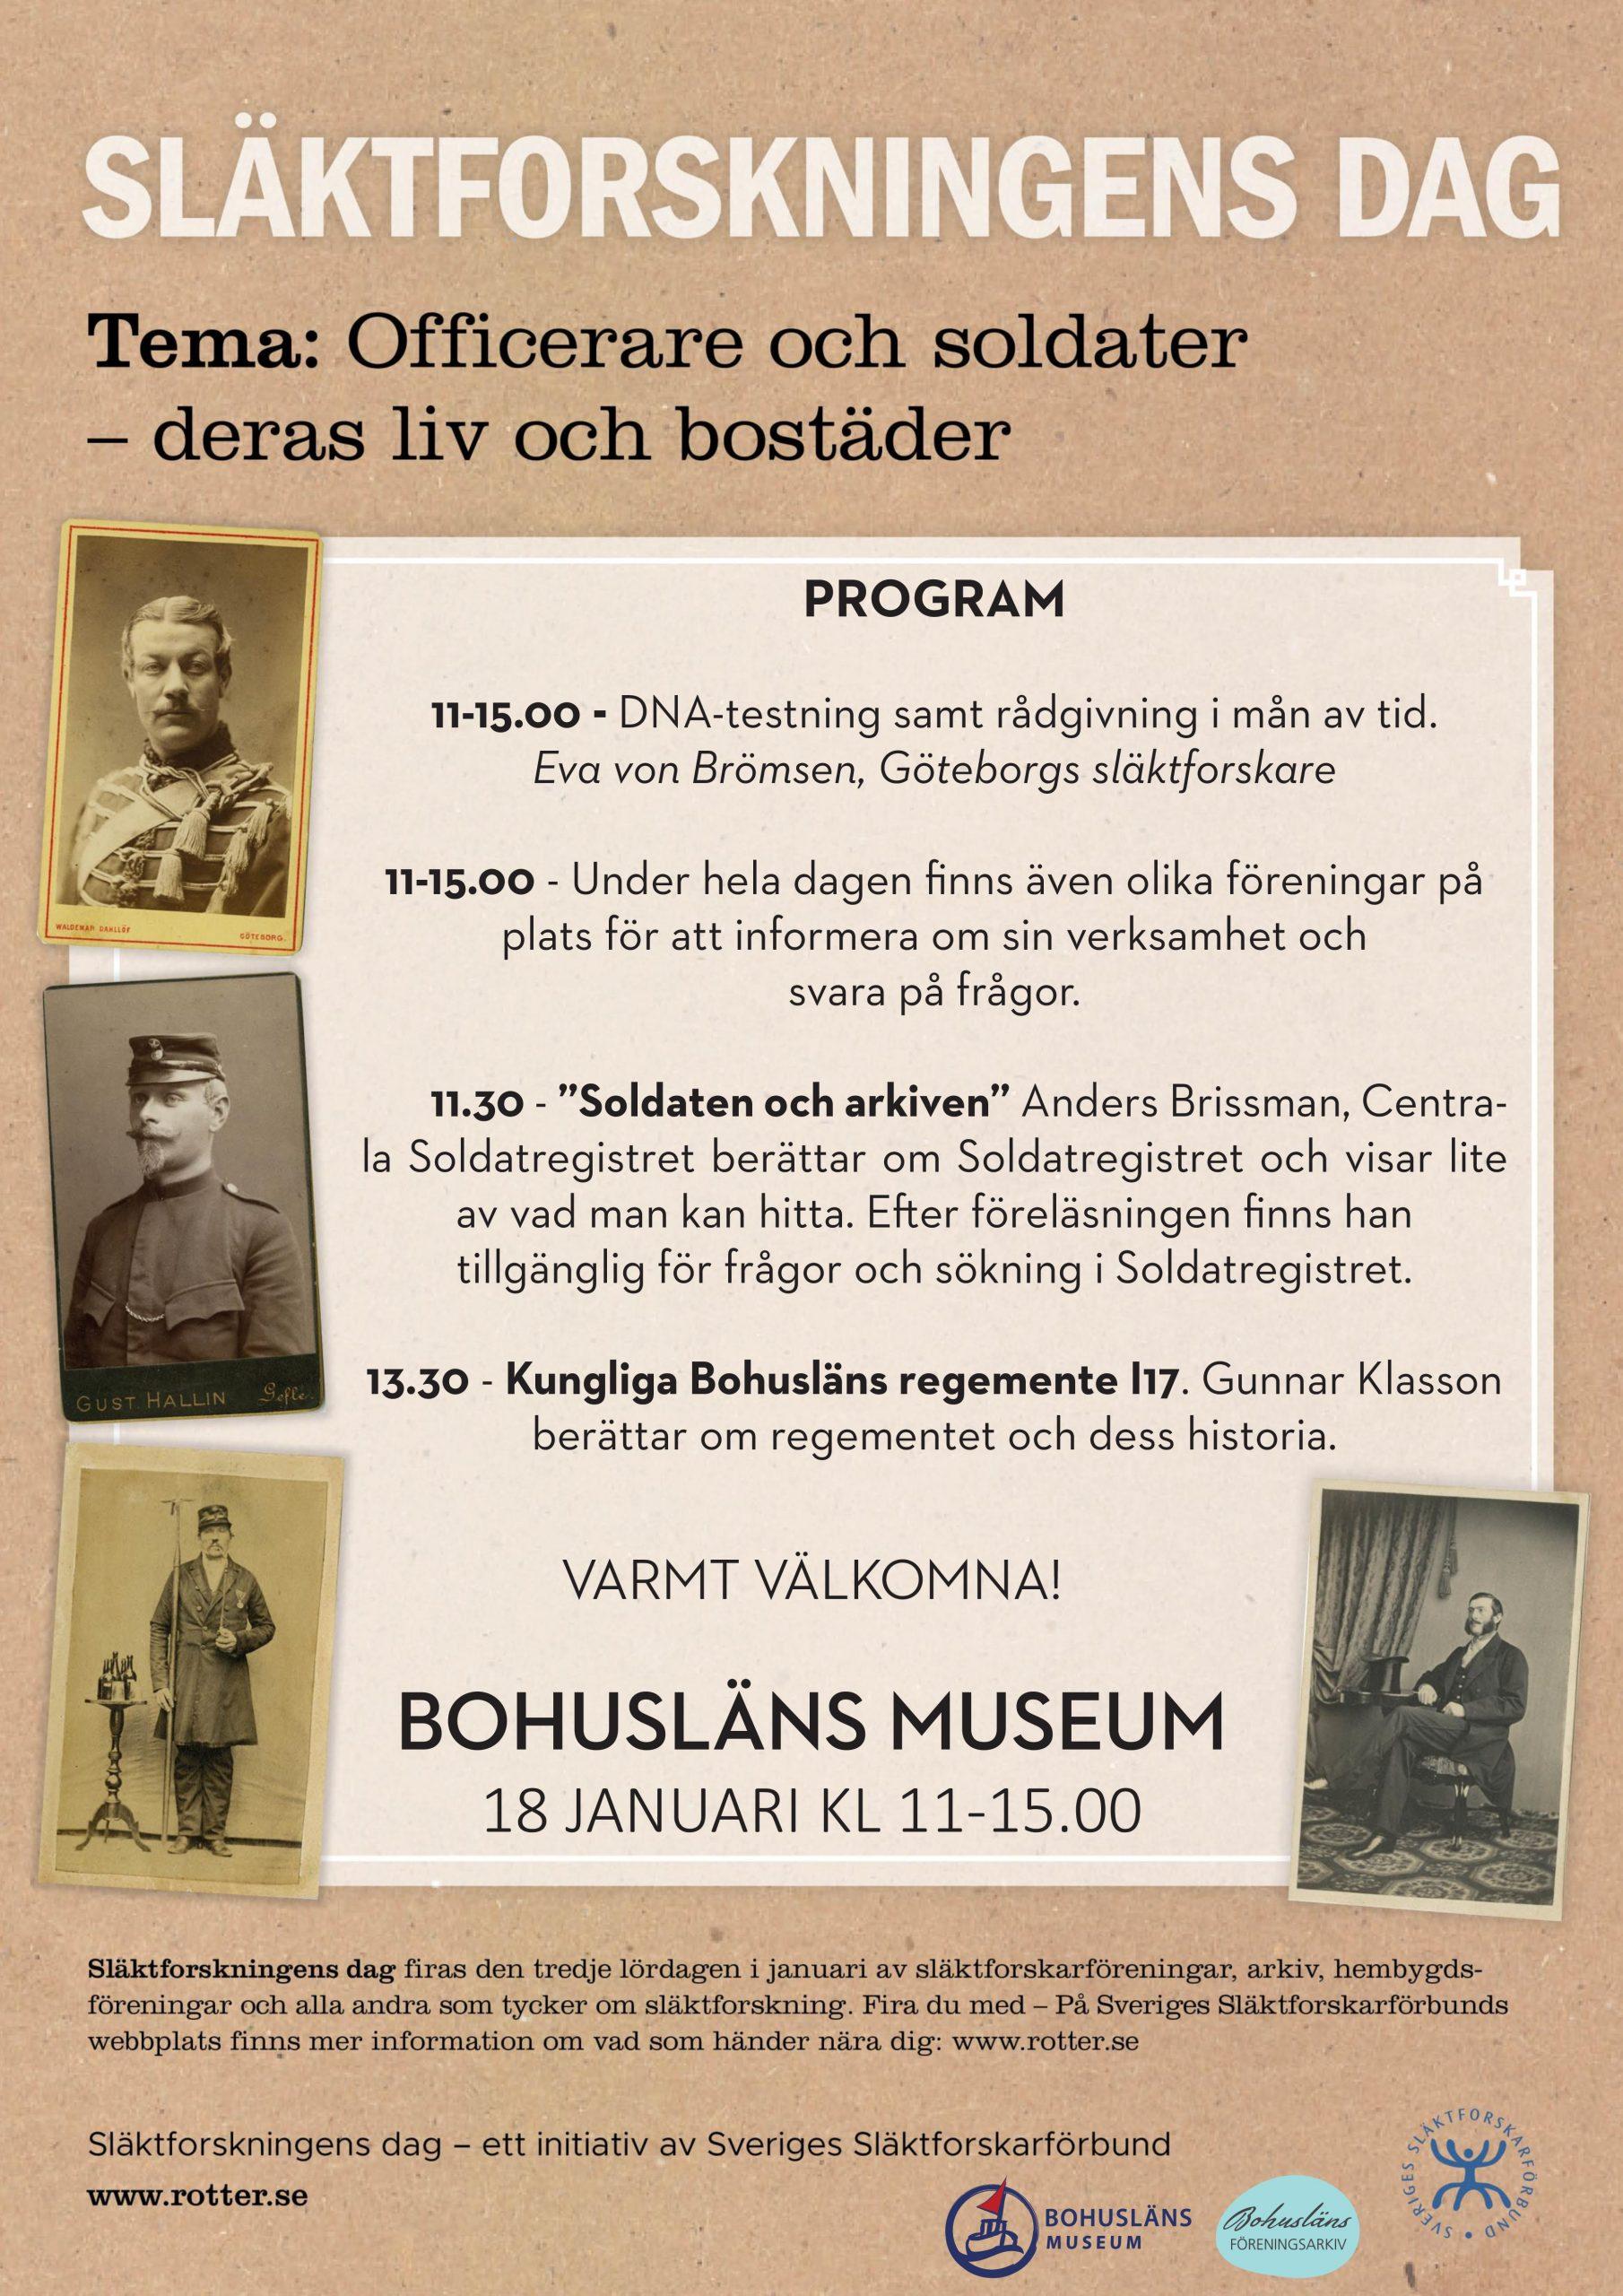 """11-15.00 - DNA-testning samt rådgivning i mån av tid. Eva von Brömsen, Göteborgs släktforskare 11-15.00 - Under hela dagen finns även olika föreningar på plats för att informera om sin verksamhet och svara på frågor. 11.30 - """"Soldaten och arkiven"""" Anders Brissman, Centrala Soldatregistret berättar om Soldatregistret och visar lite av vad man kan hitta. Efter föreläsningen finns han tillgänglig för frågor och sökning i Soldatregistret. 13.30 - Kungliga Bohusläns regemente I17. Gunnar Klasson berättar om regementet och dess historia. VARMT VÄLKOMNA! BOHUSLÄNS MUSEUM 18 JANUARI KL 11-15.00"""